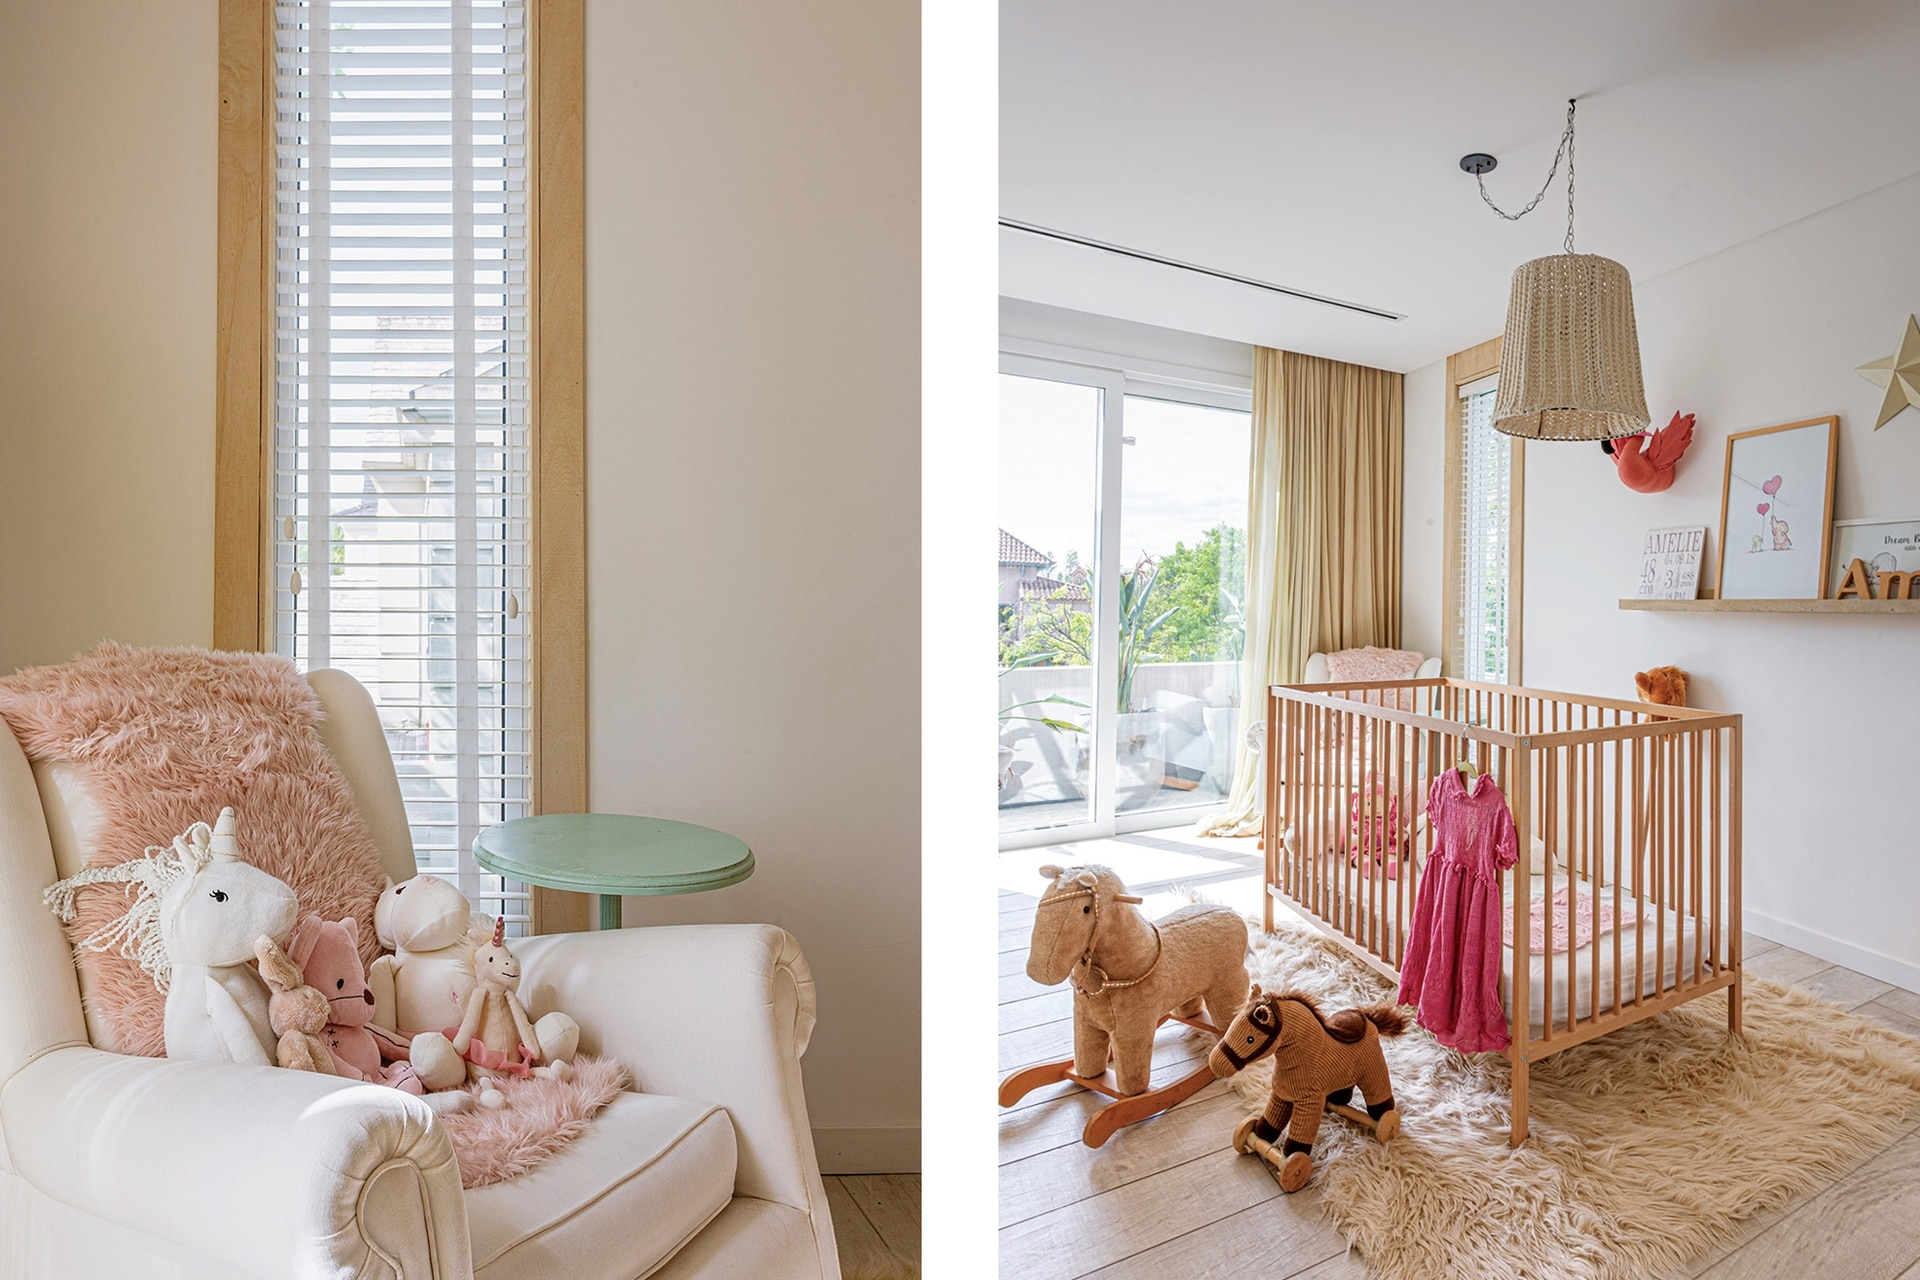 En el cuarto de la más pequeña: cuna (Ikea) sobre alfombra (Mihran). Caballo mecedor (La Blancherie).